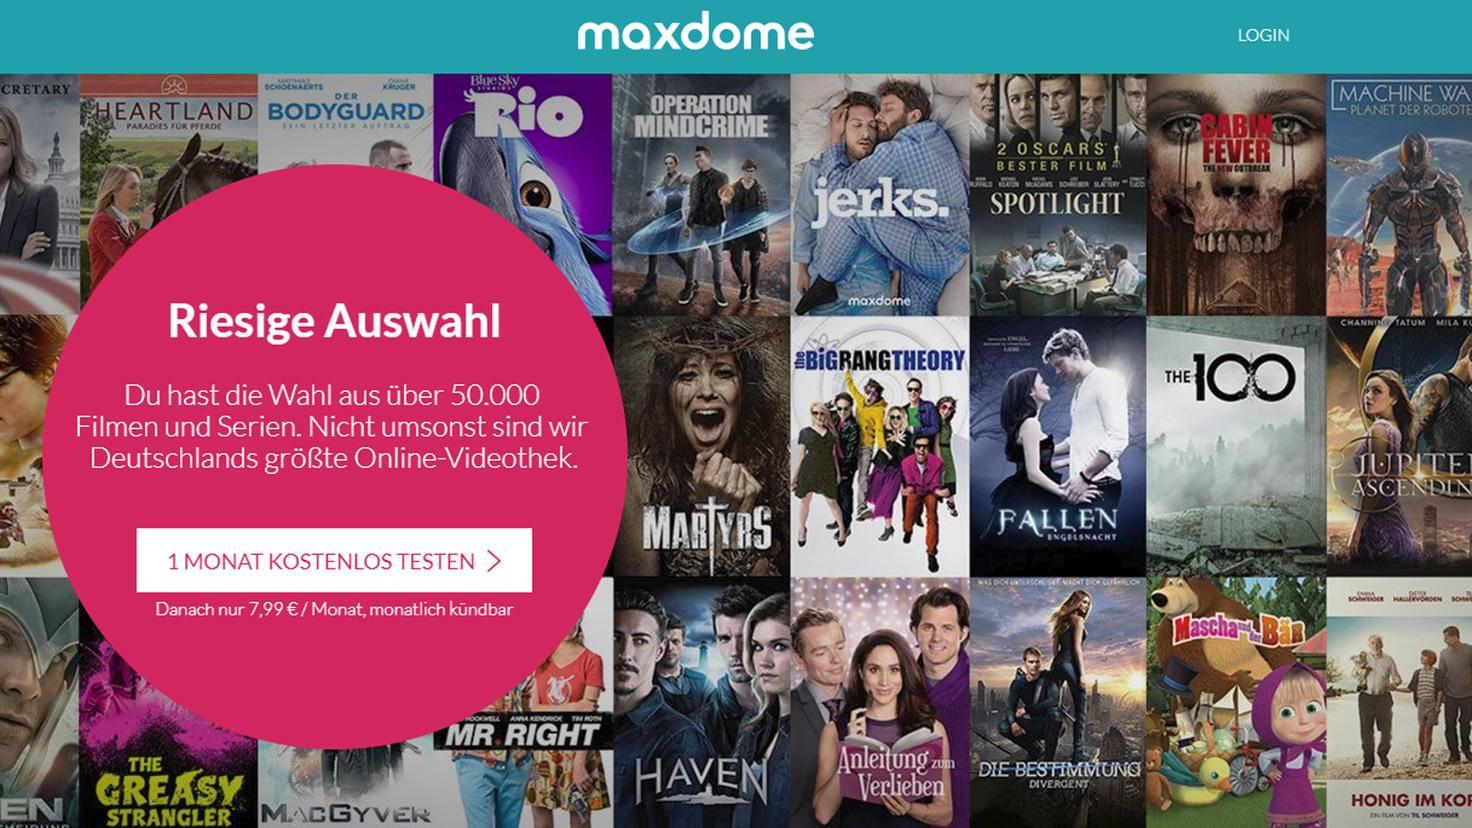 Direkt auf der Maxdome-Website findest Du den Anmeldebereich.